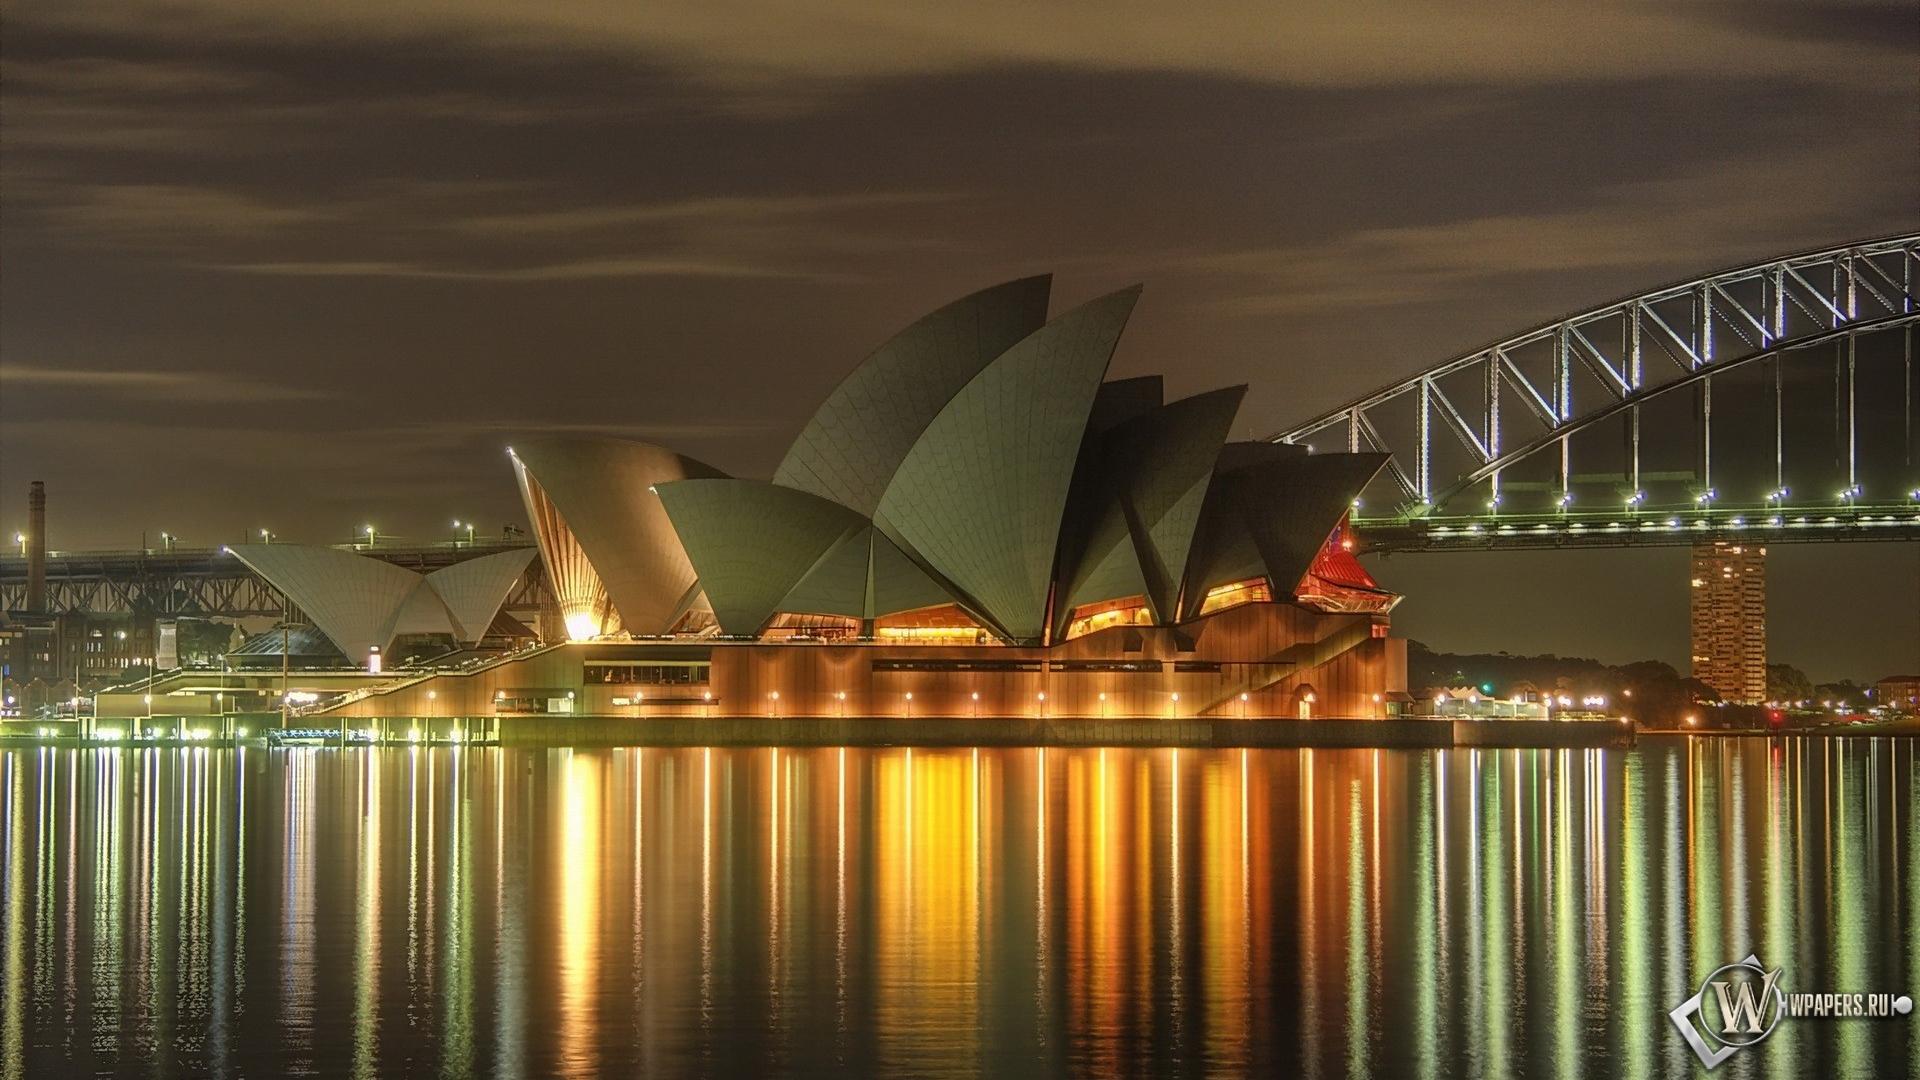 Обои театр в сиднее австралия сидней